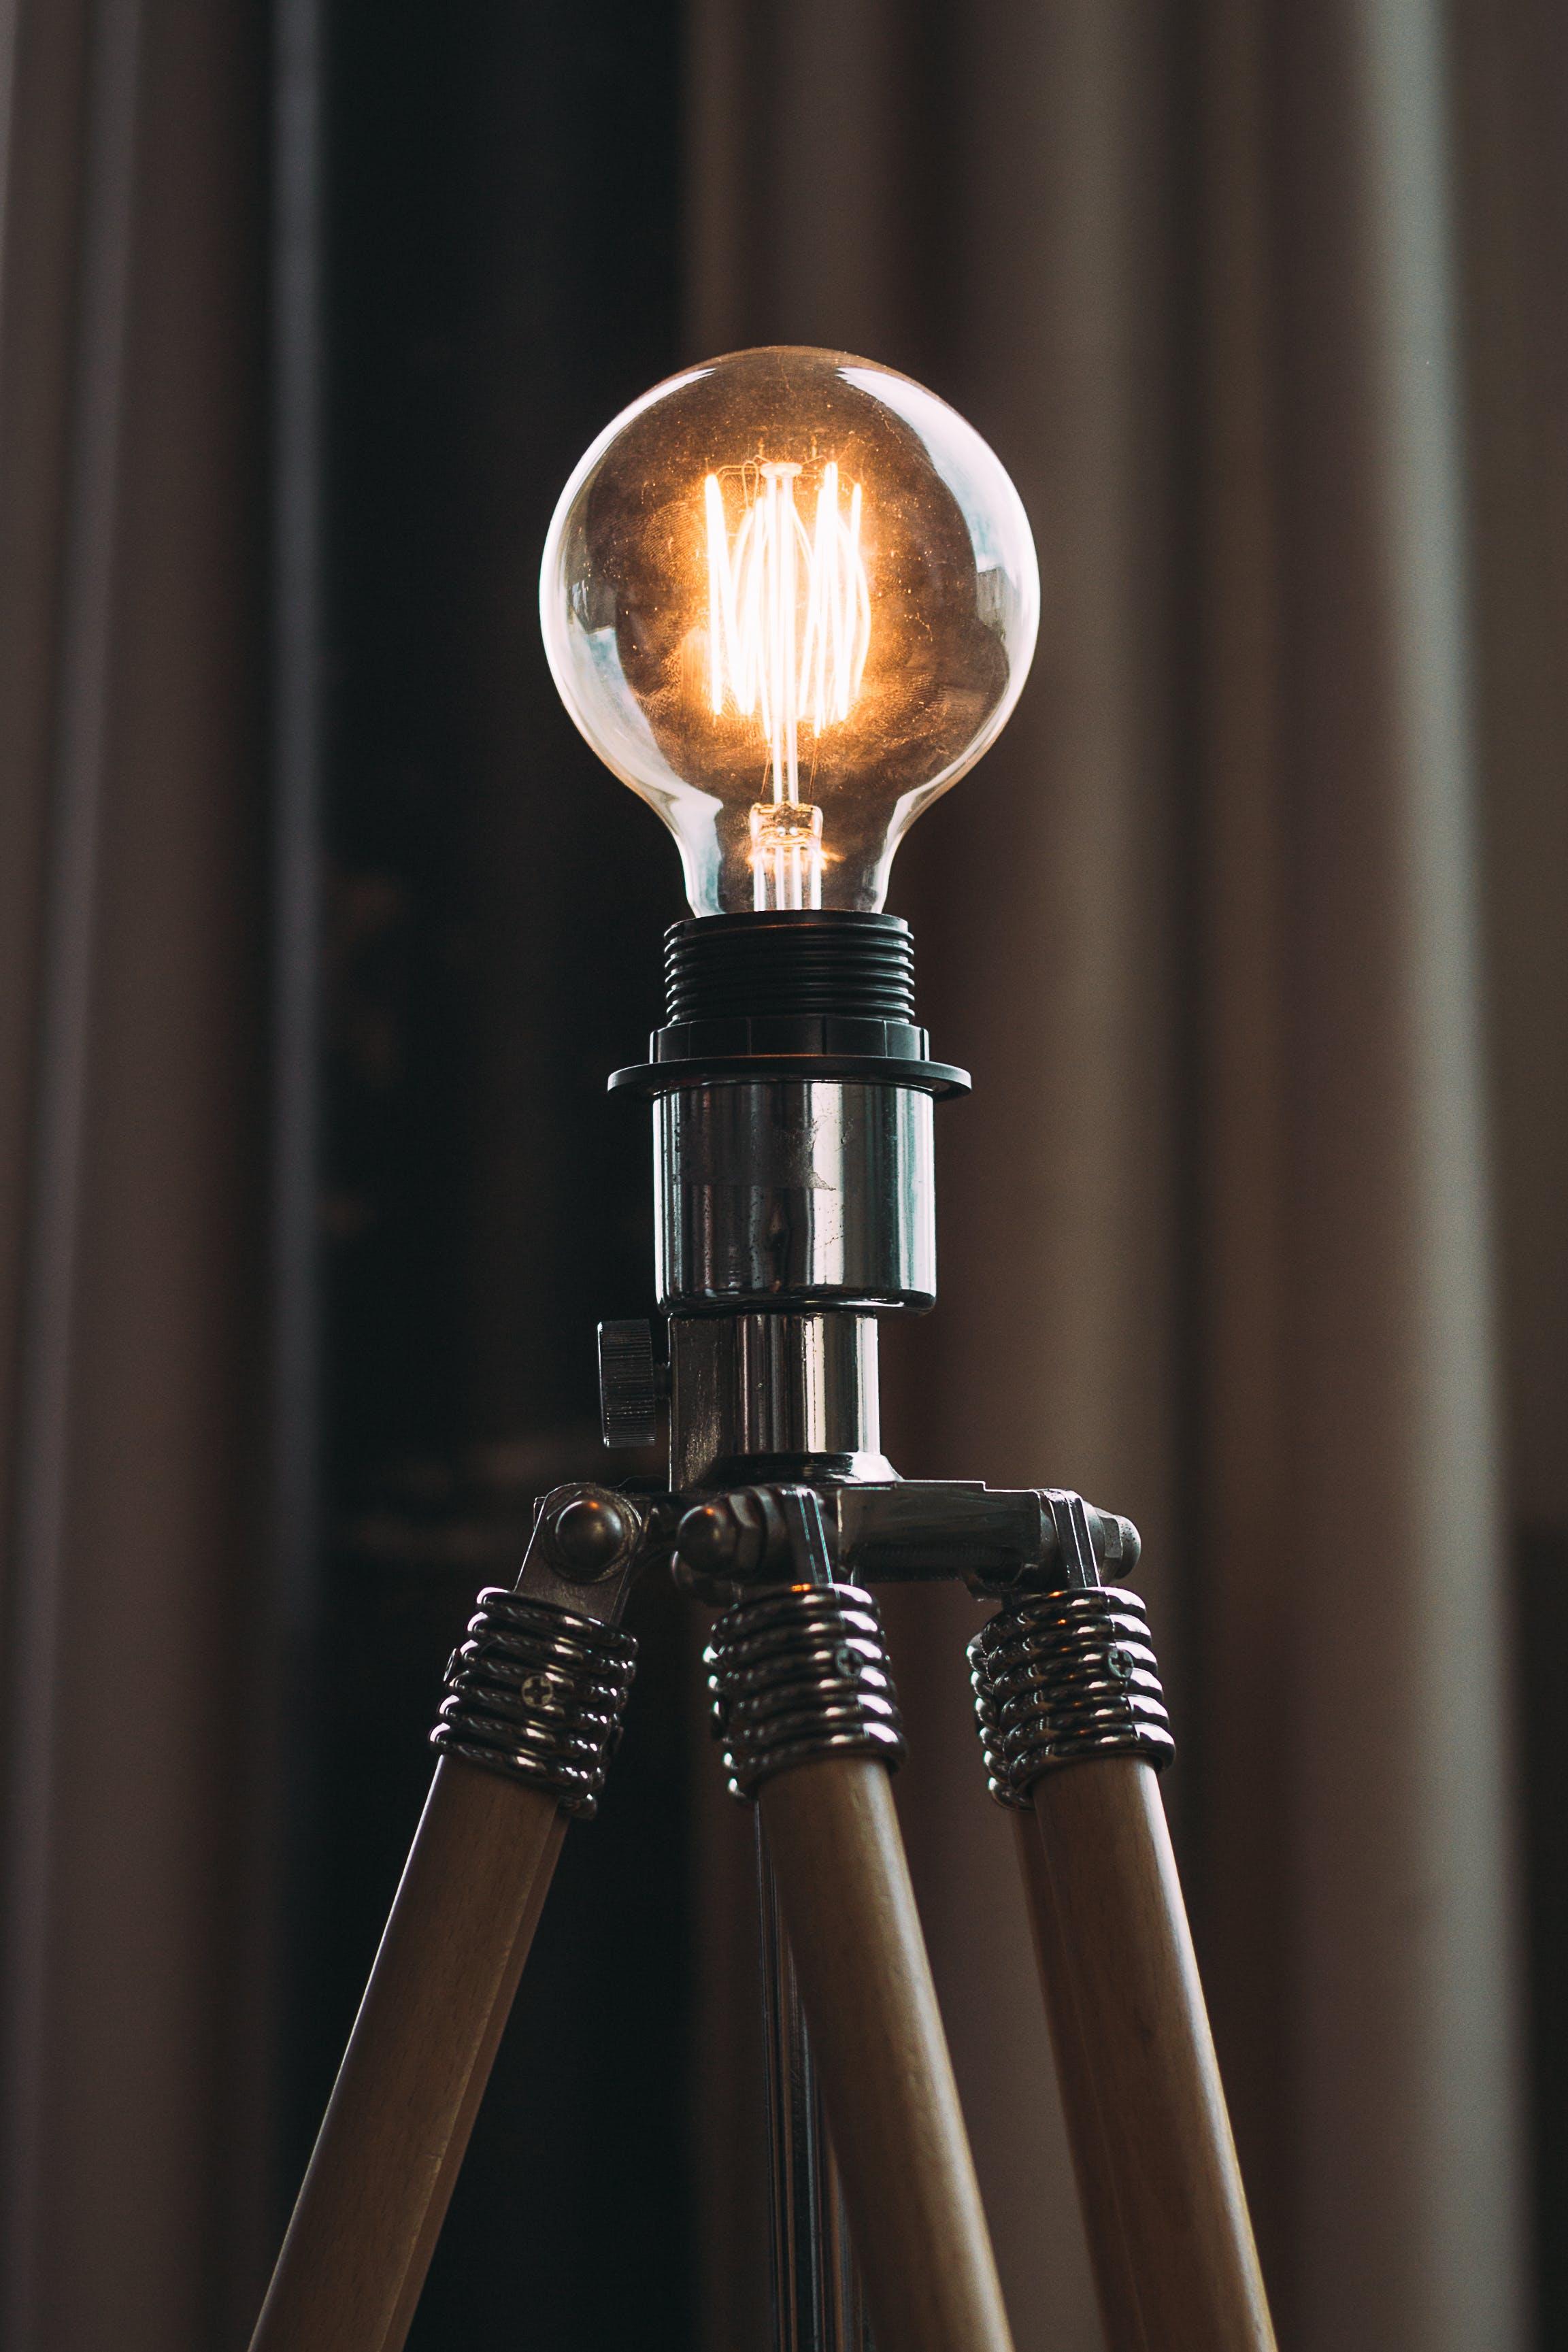 Kostnadsfri bild av elektricitet, energi, glödlampa, ljus